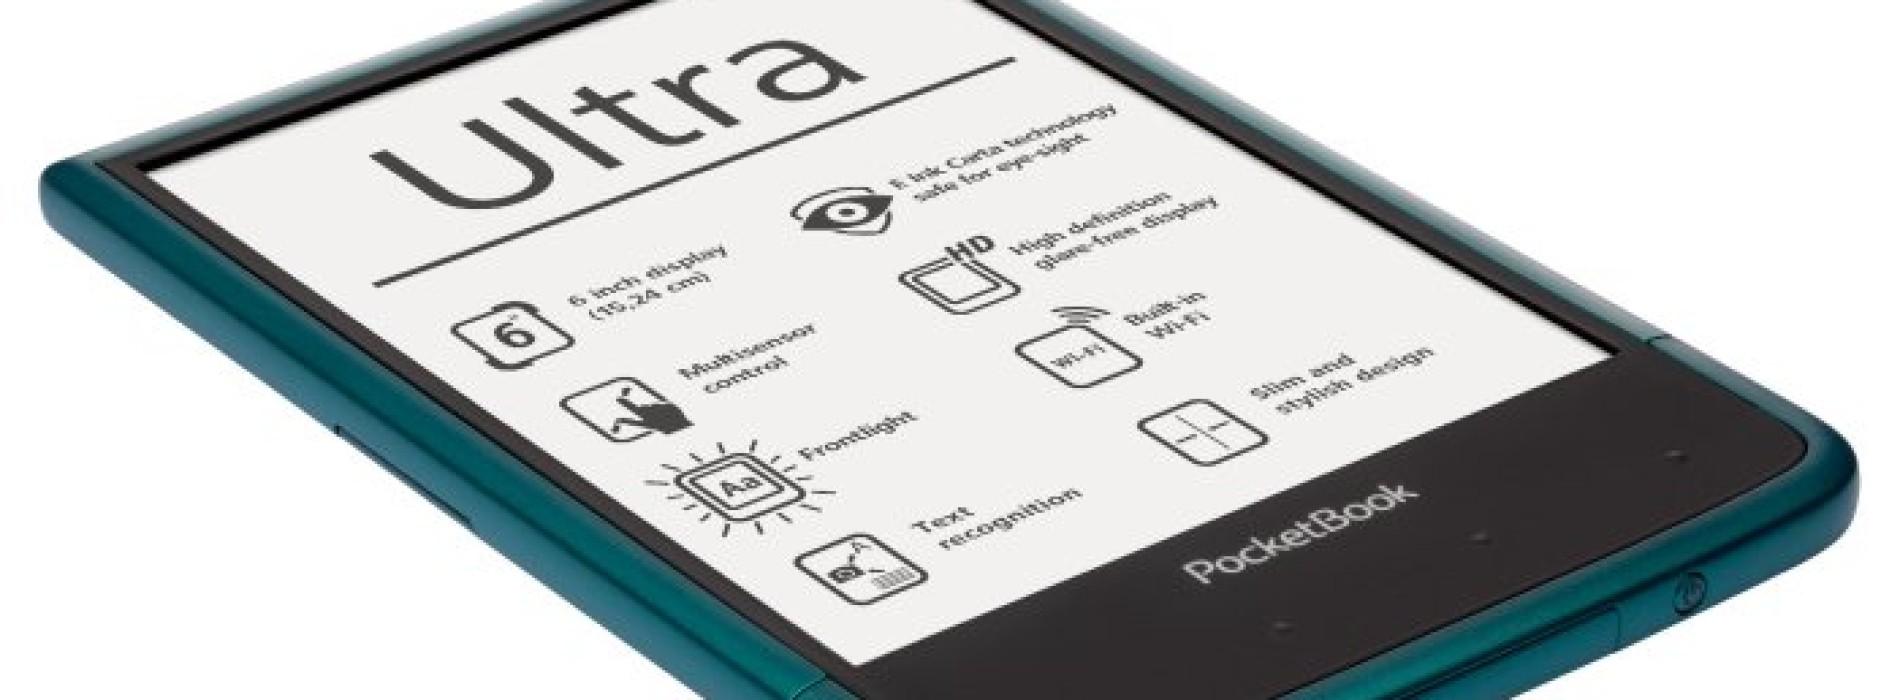 Další informace o PocketBook Ultra před uvedením na český trh